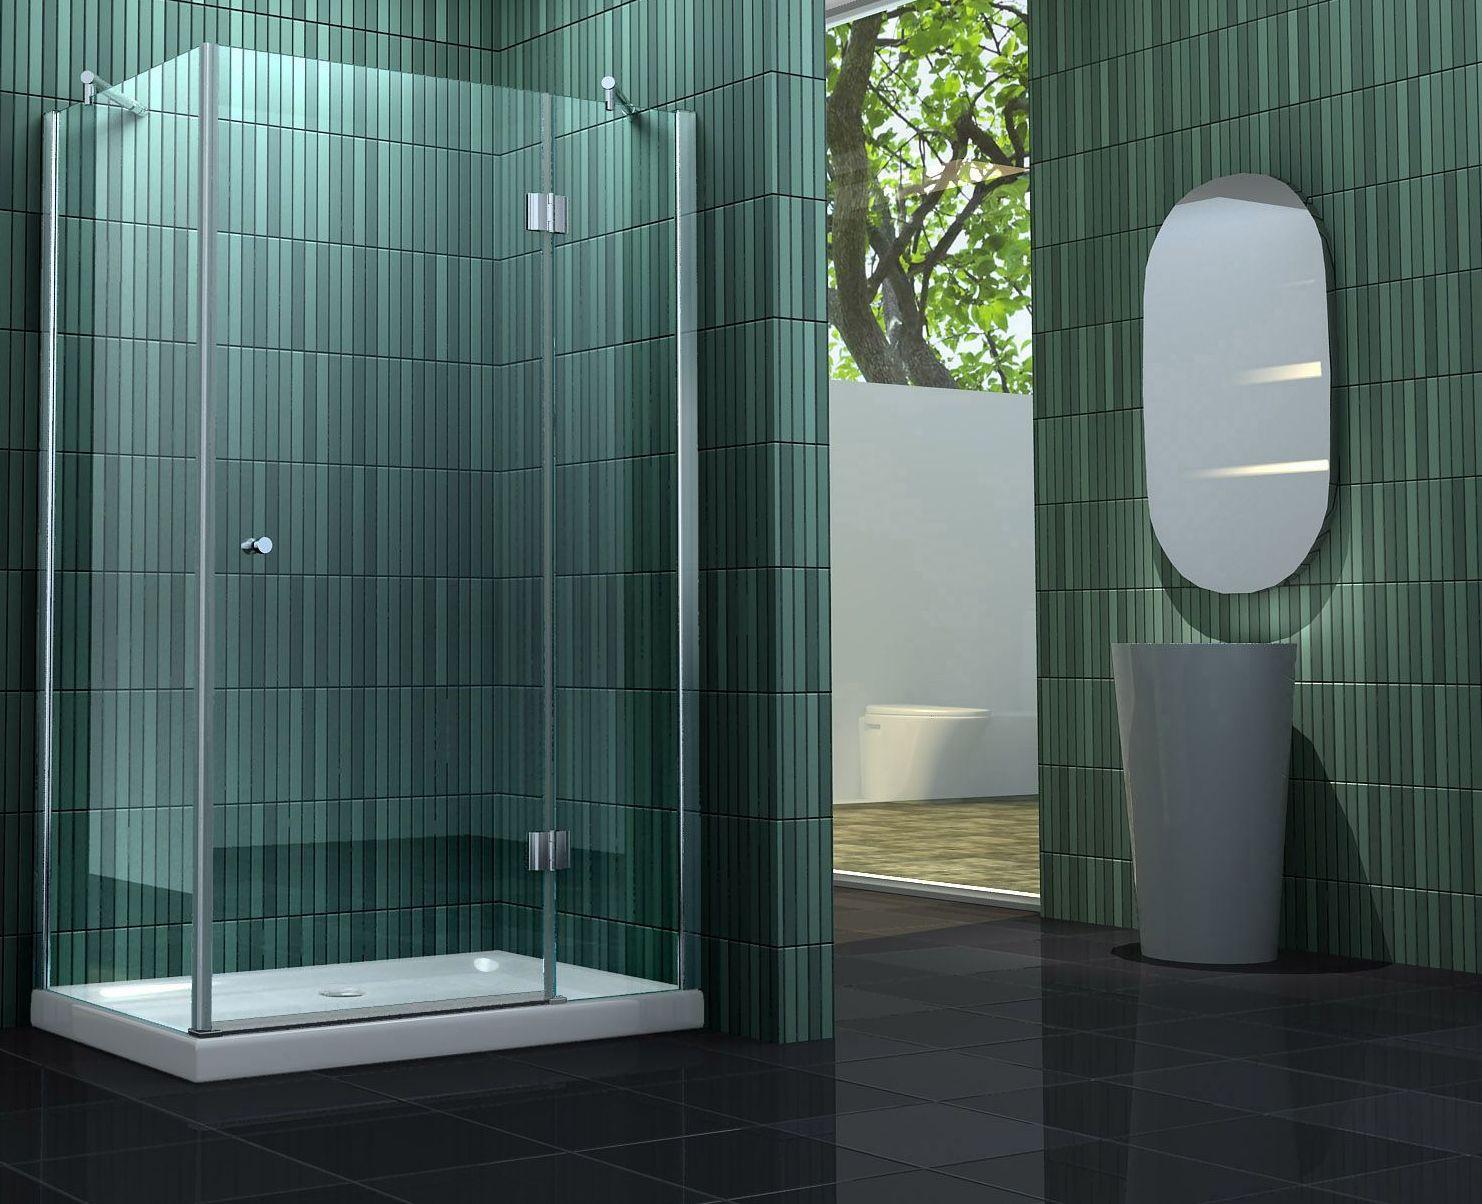 Duschkabine SILL 80 x 80 x 195 cm ohne Duschtasse